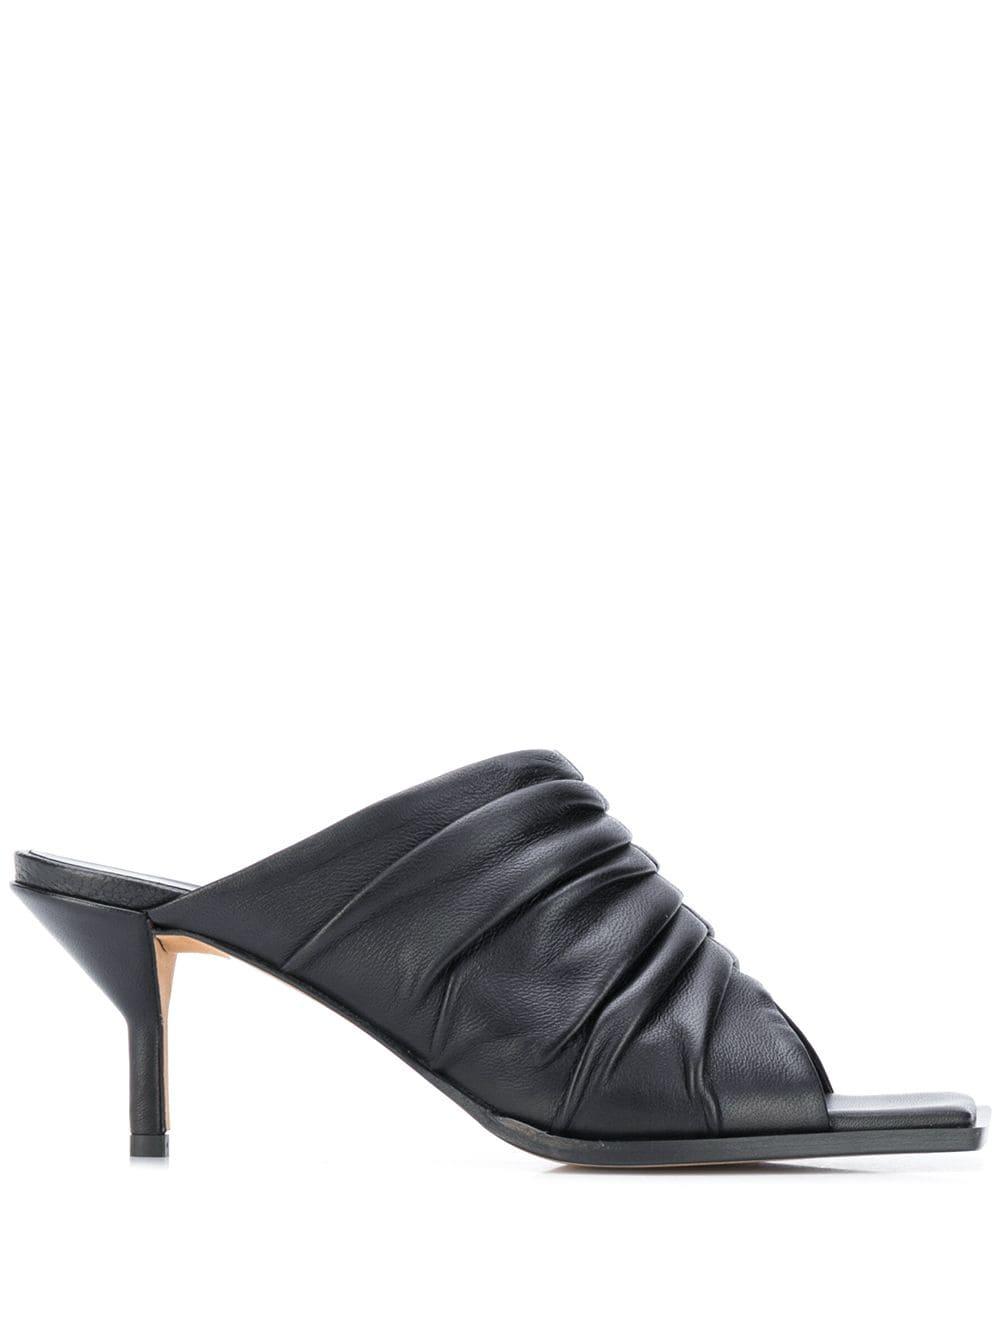 3.1 Phillip Lim pleated square toe mules - Black